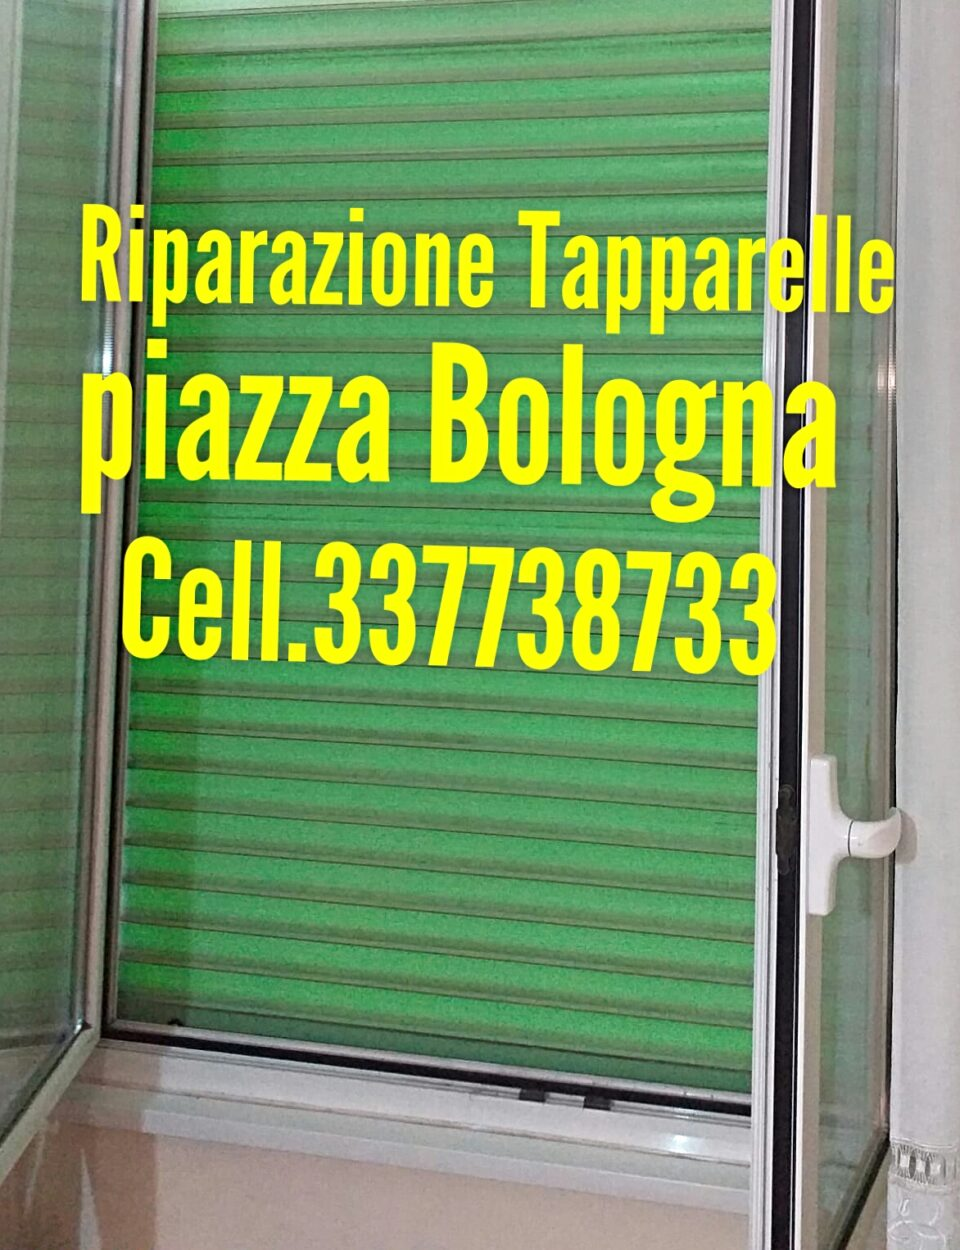 Riparazione Tapparelle Serrande Elettriche piazza Bologna cell.337739733 Dario